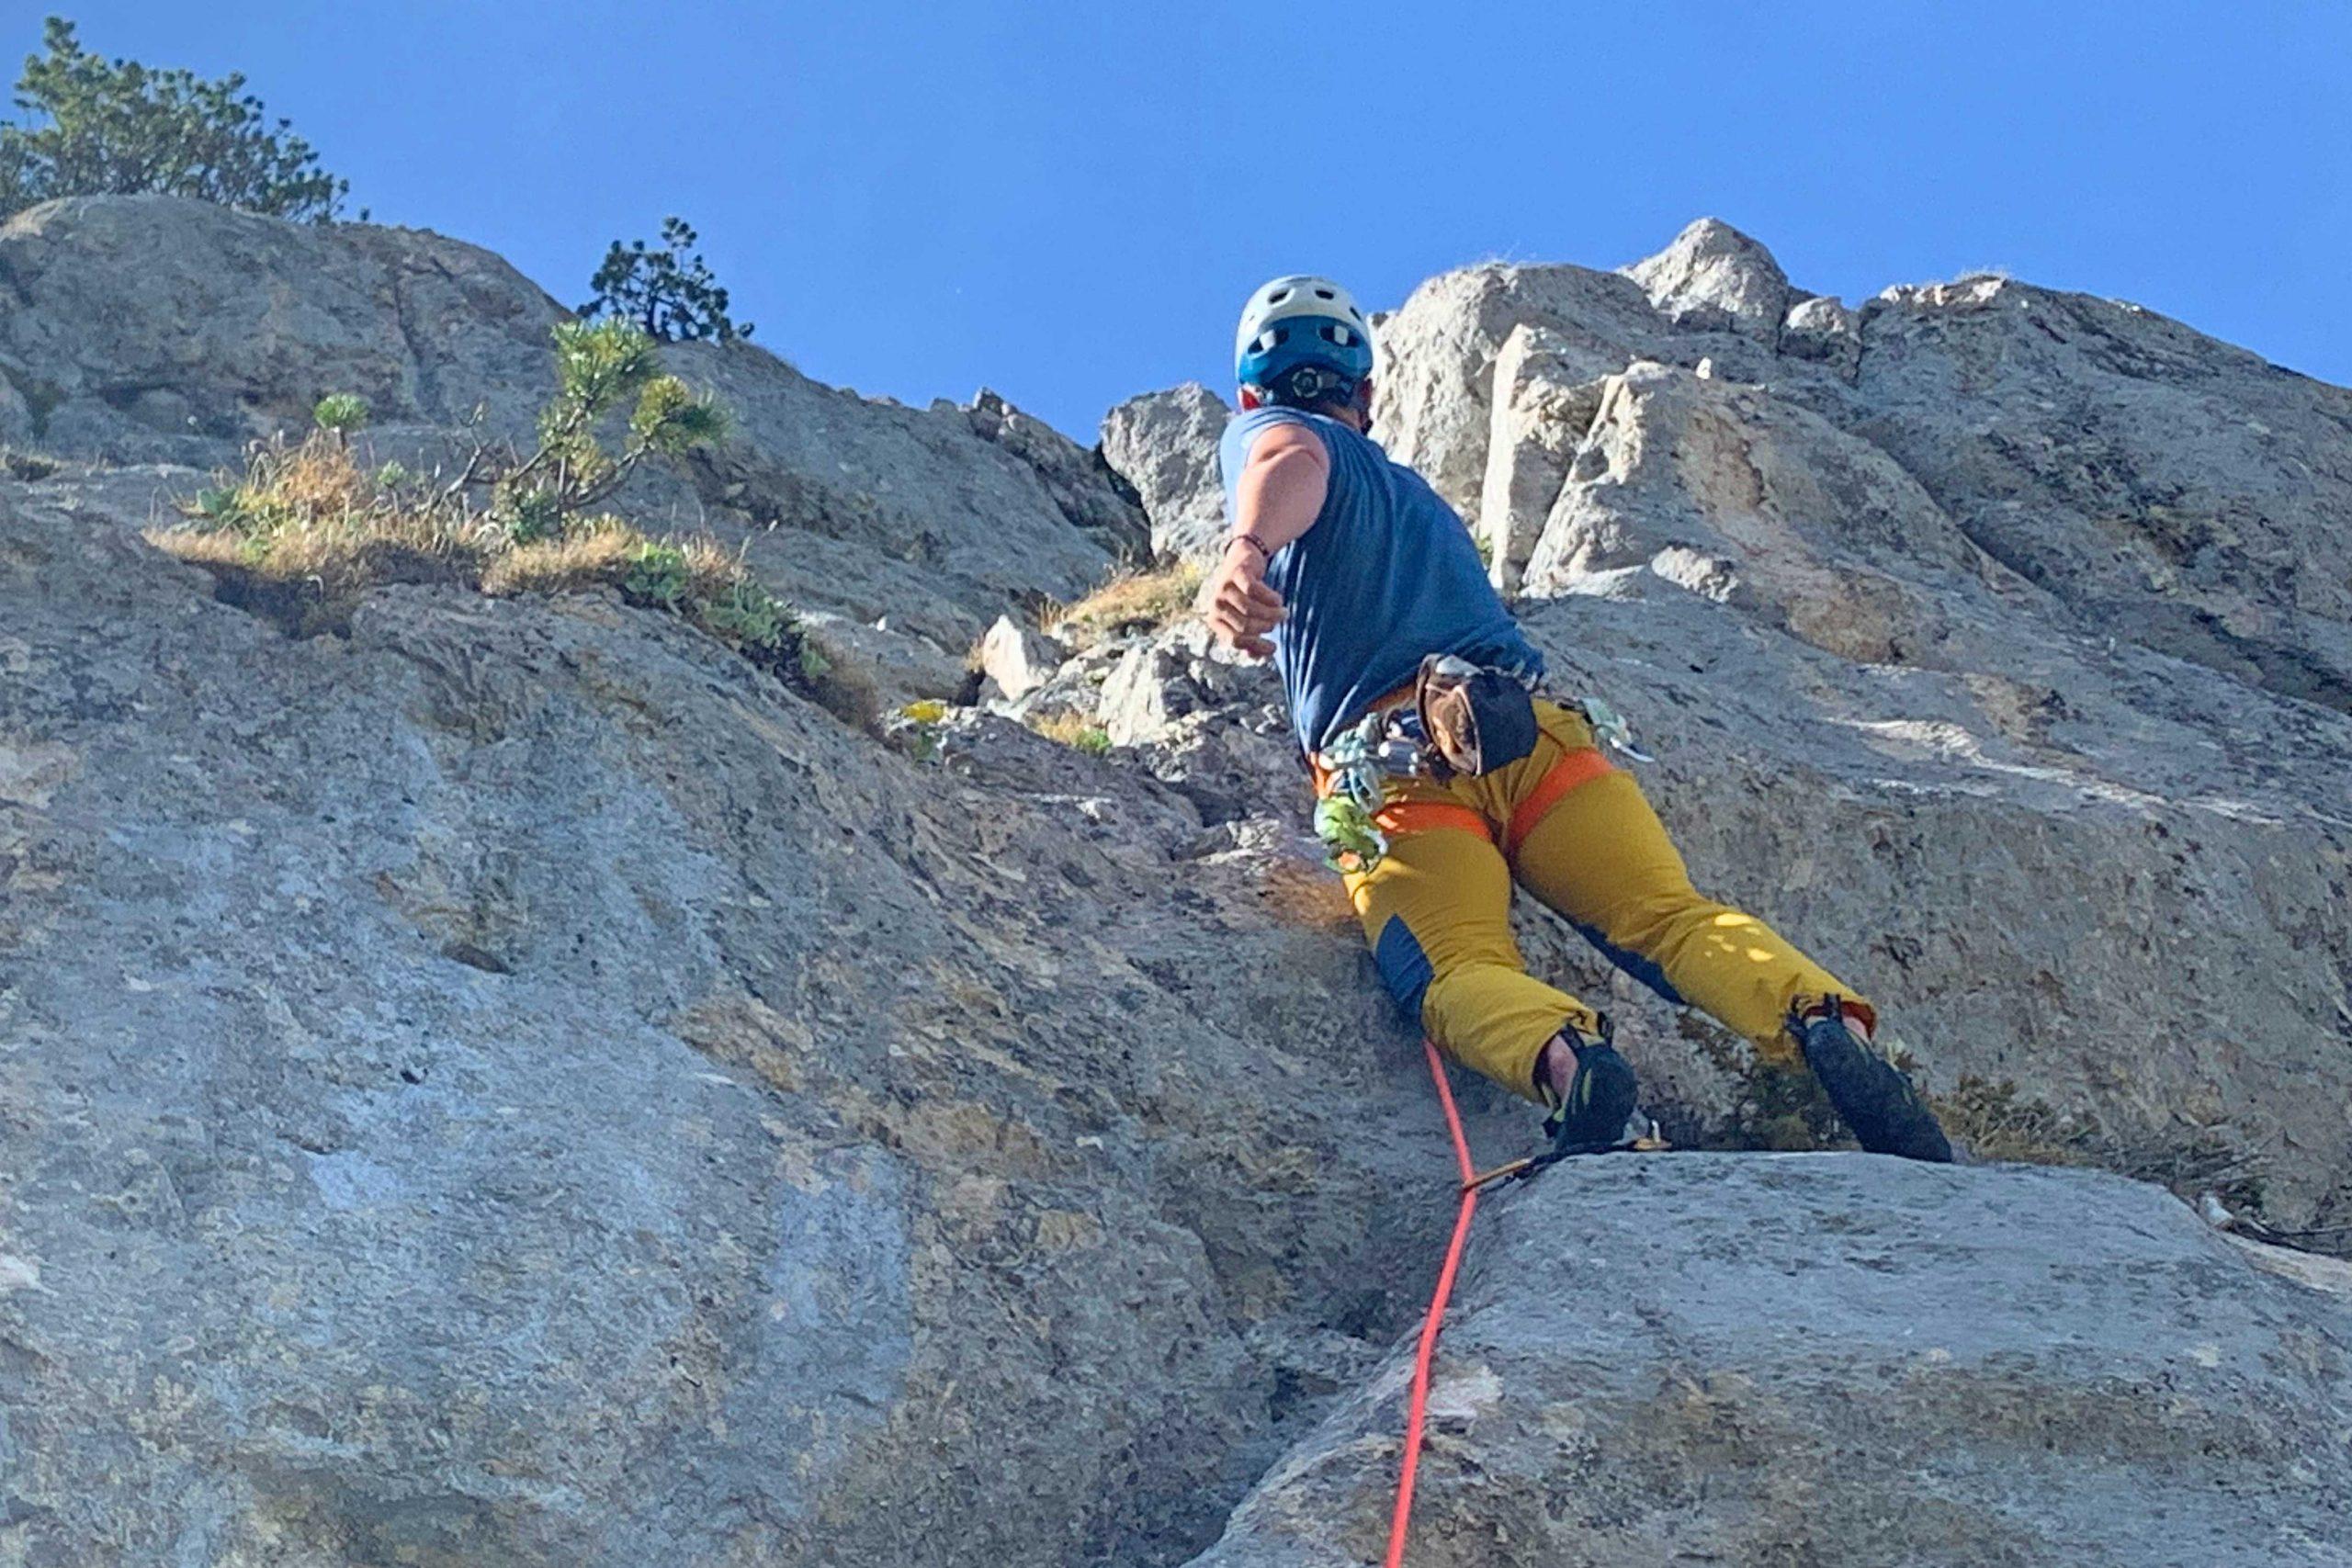 Zwischen-Bergseil-und-Adrenalin---Klettern-im-Vorstieg